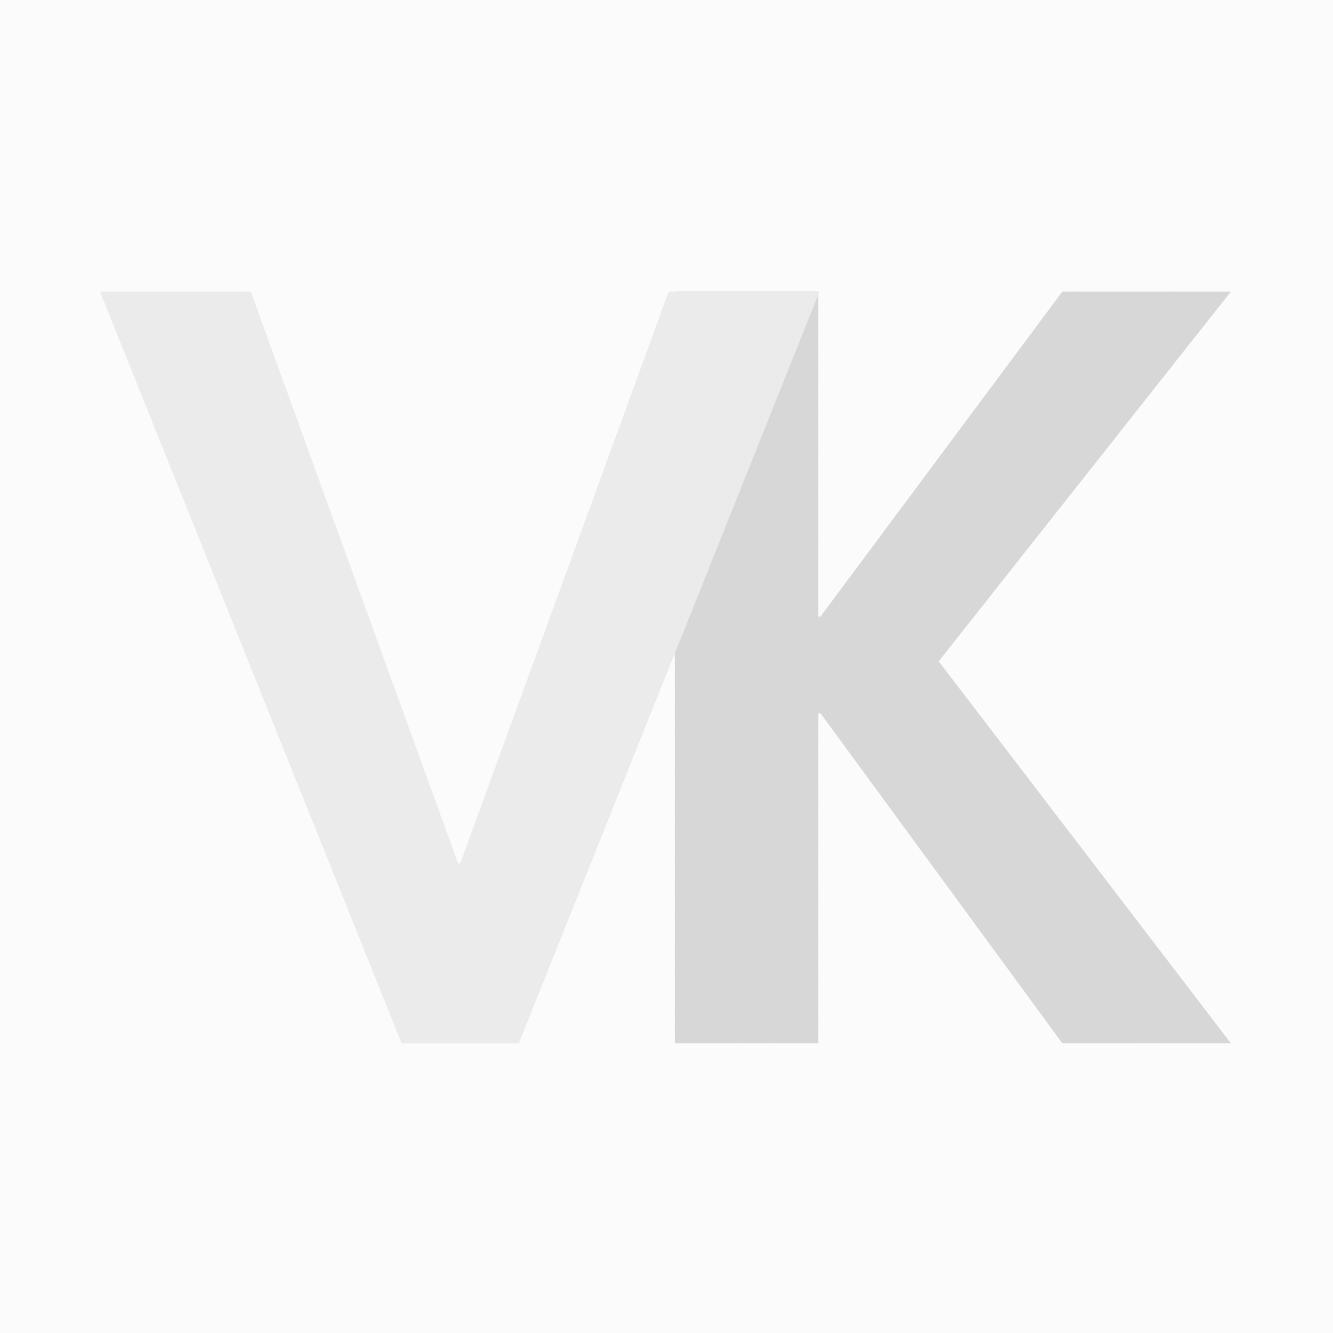 Wahl Krulborstel Pro Air Styler 3-delig 1100 watt